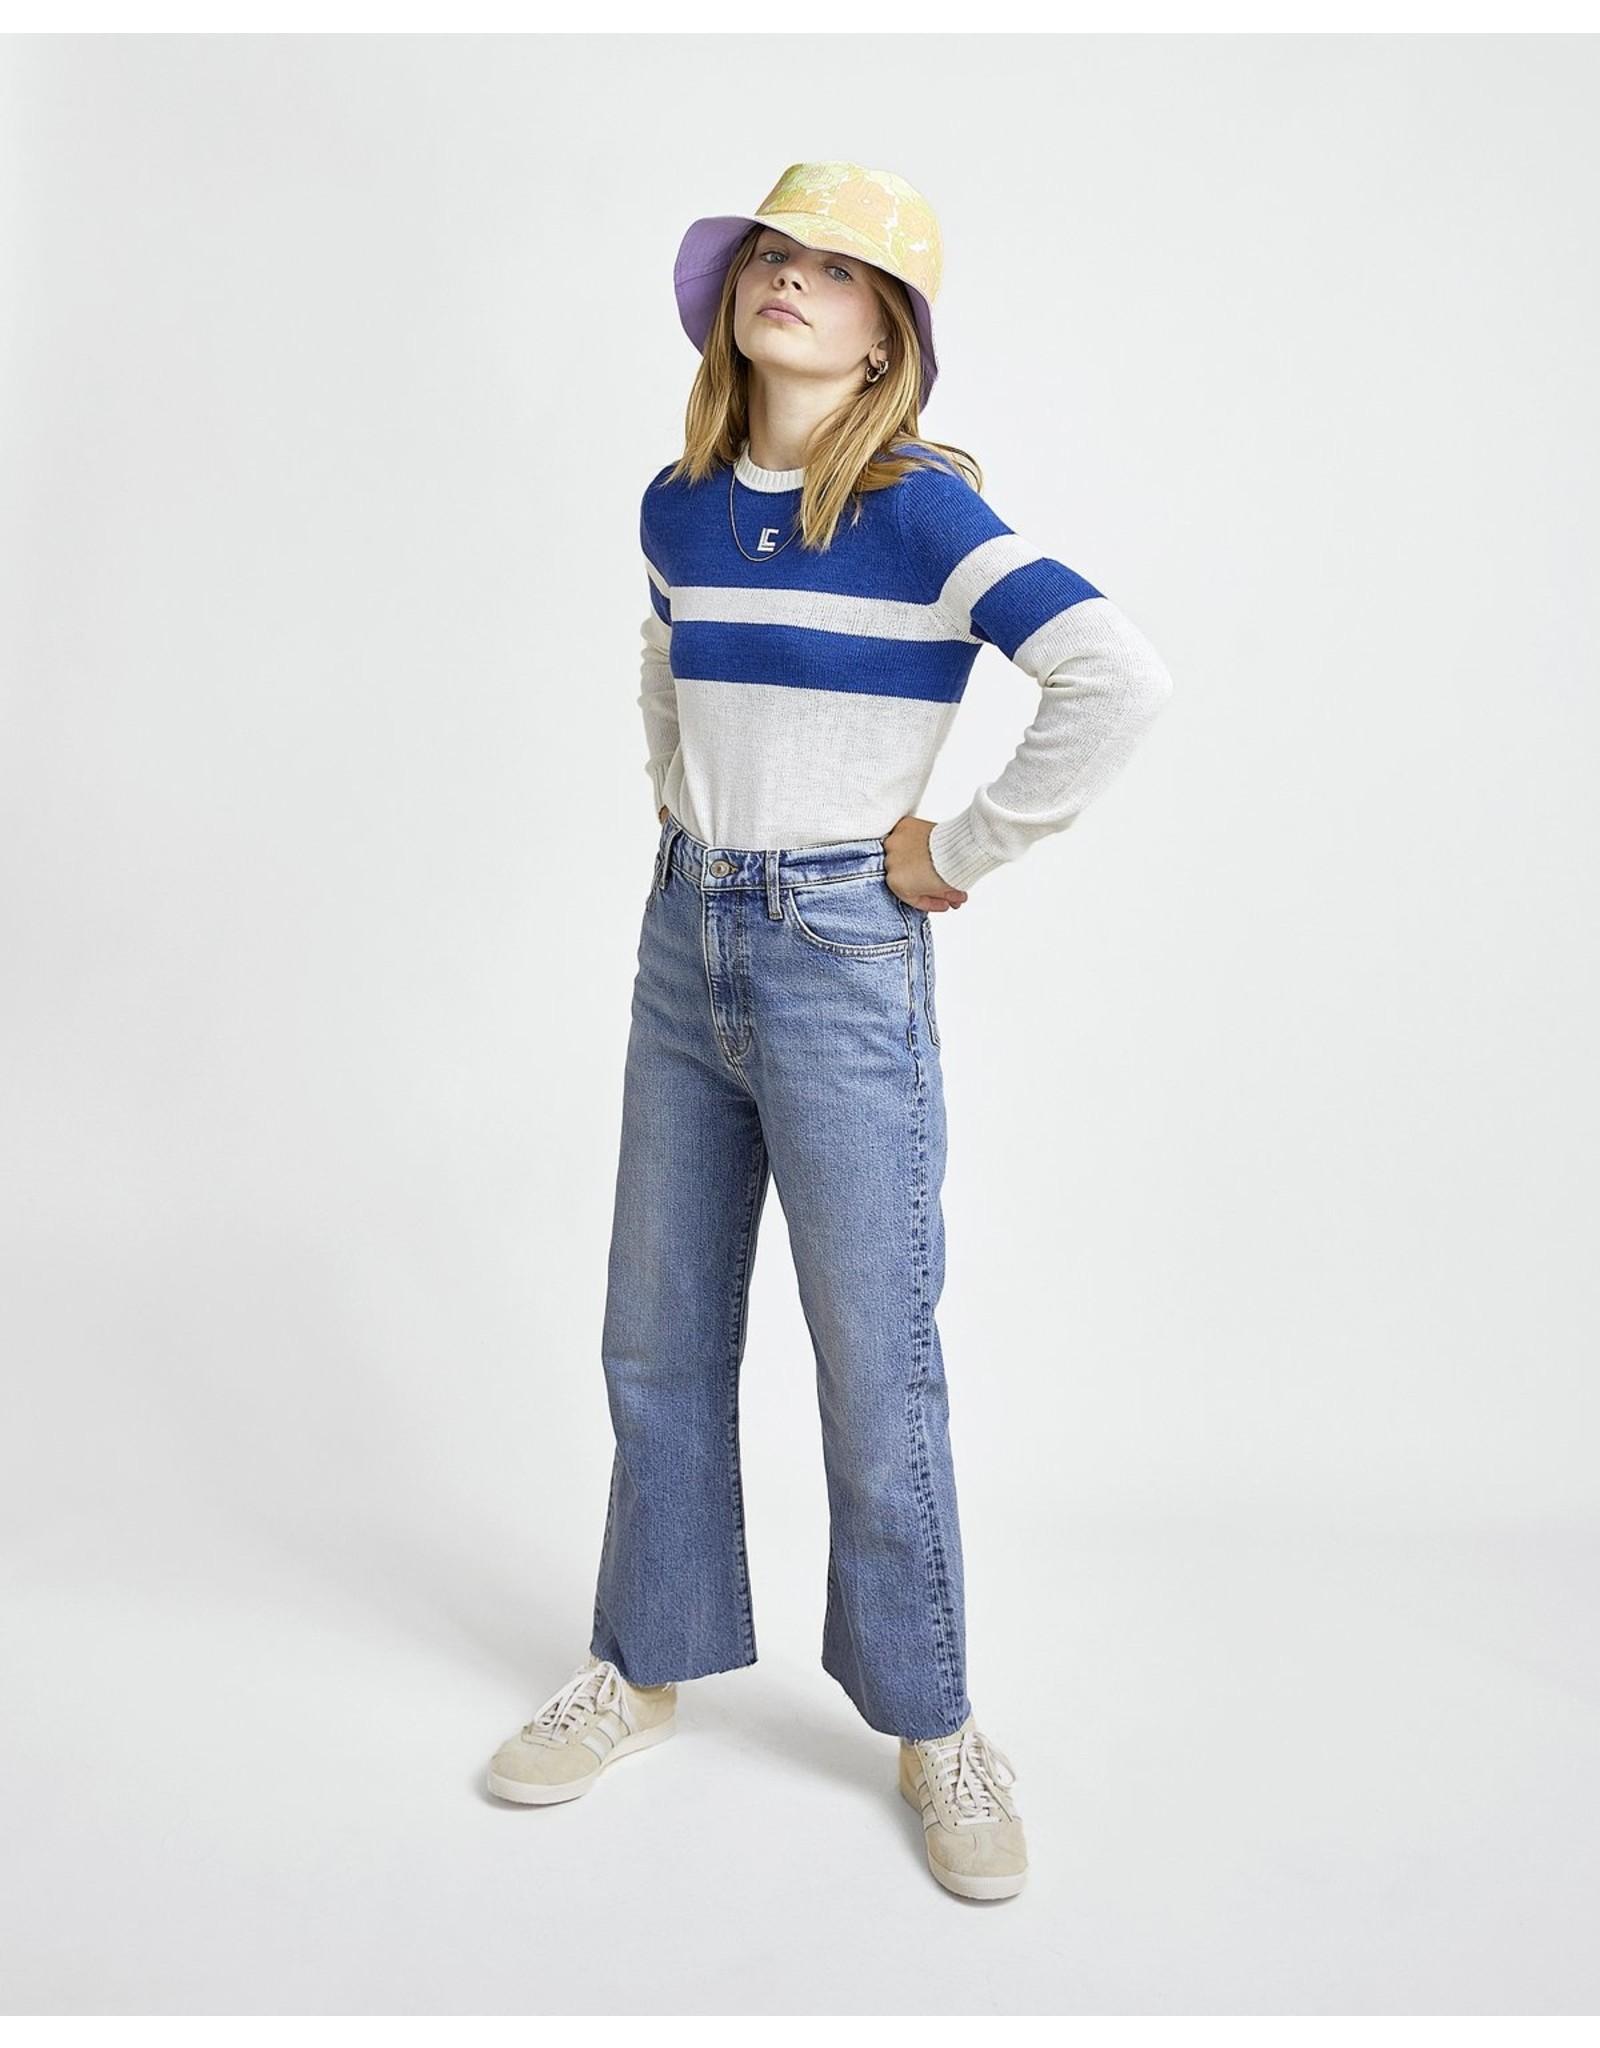 Les Coyotes de Paris LCDP SS21 Stephanie jeans